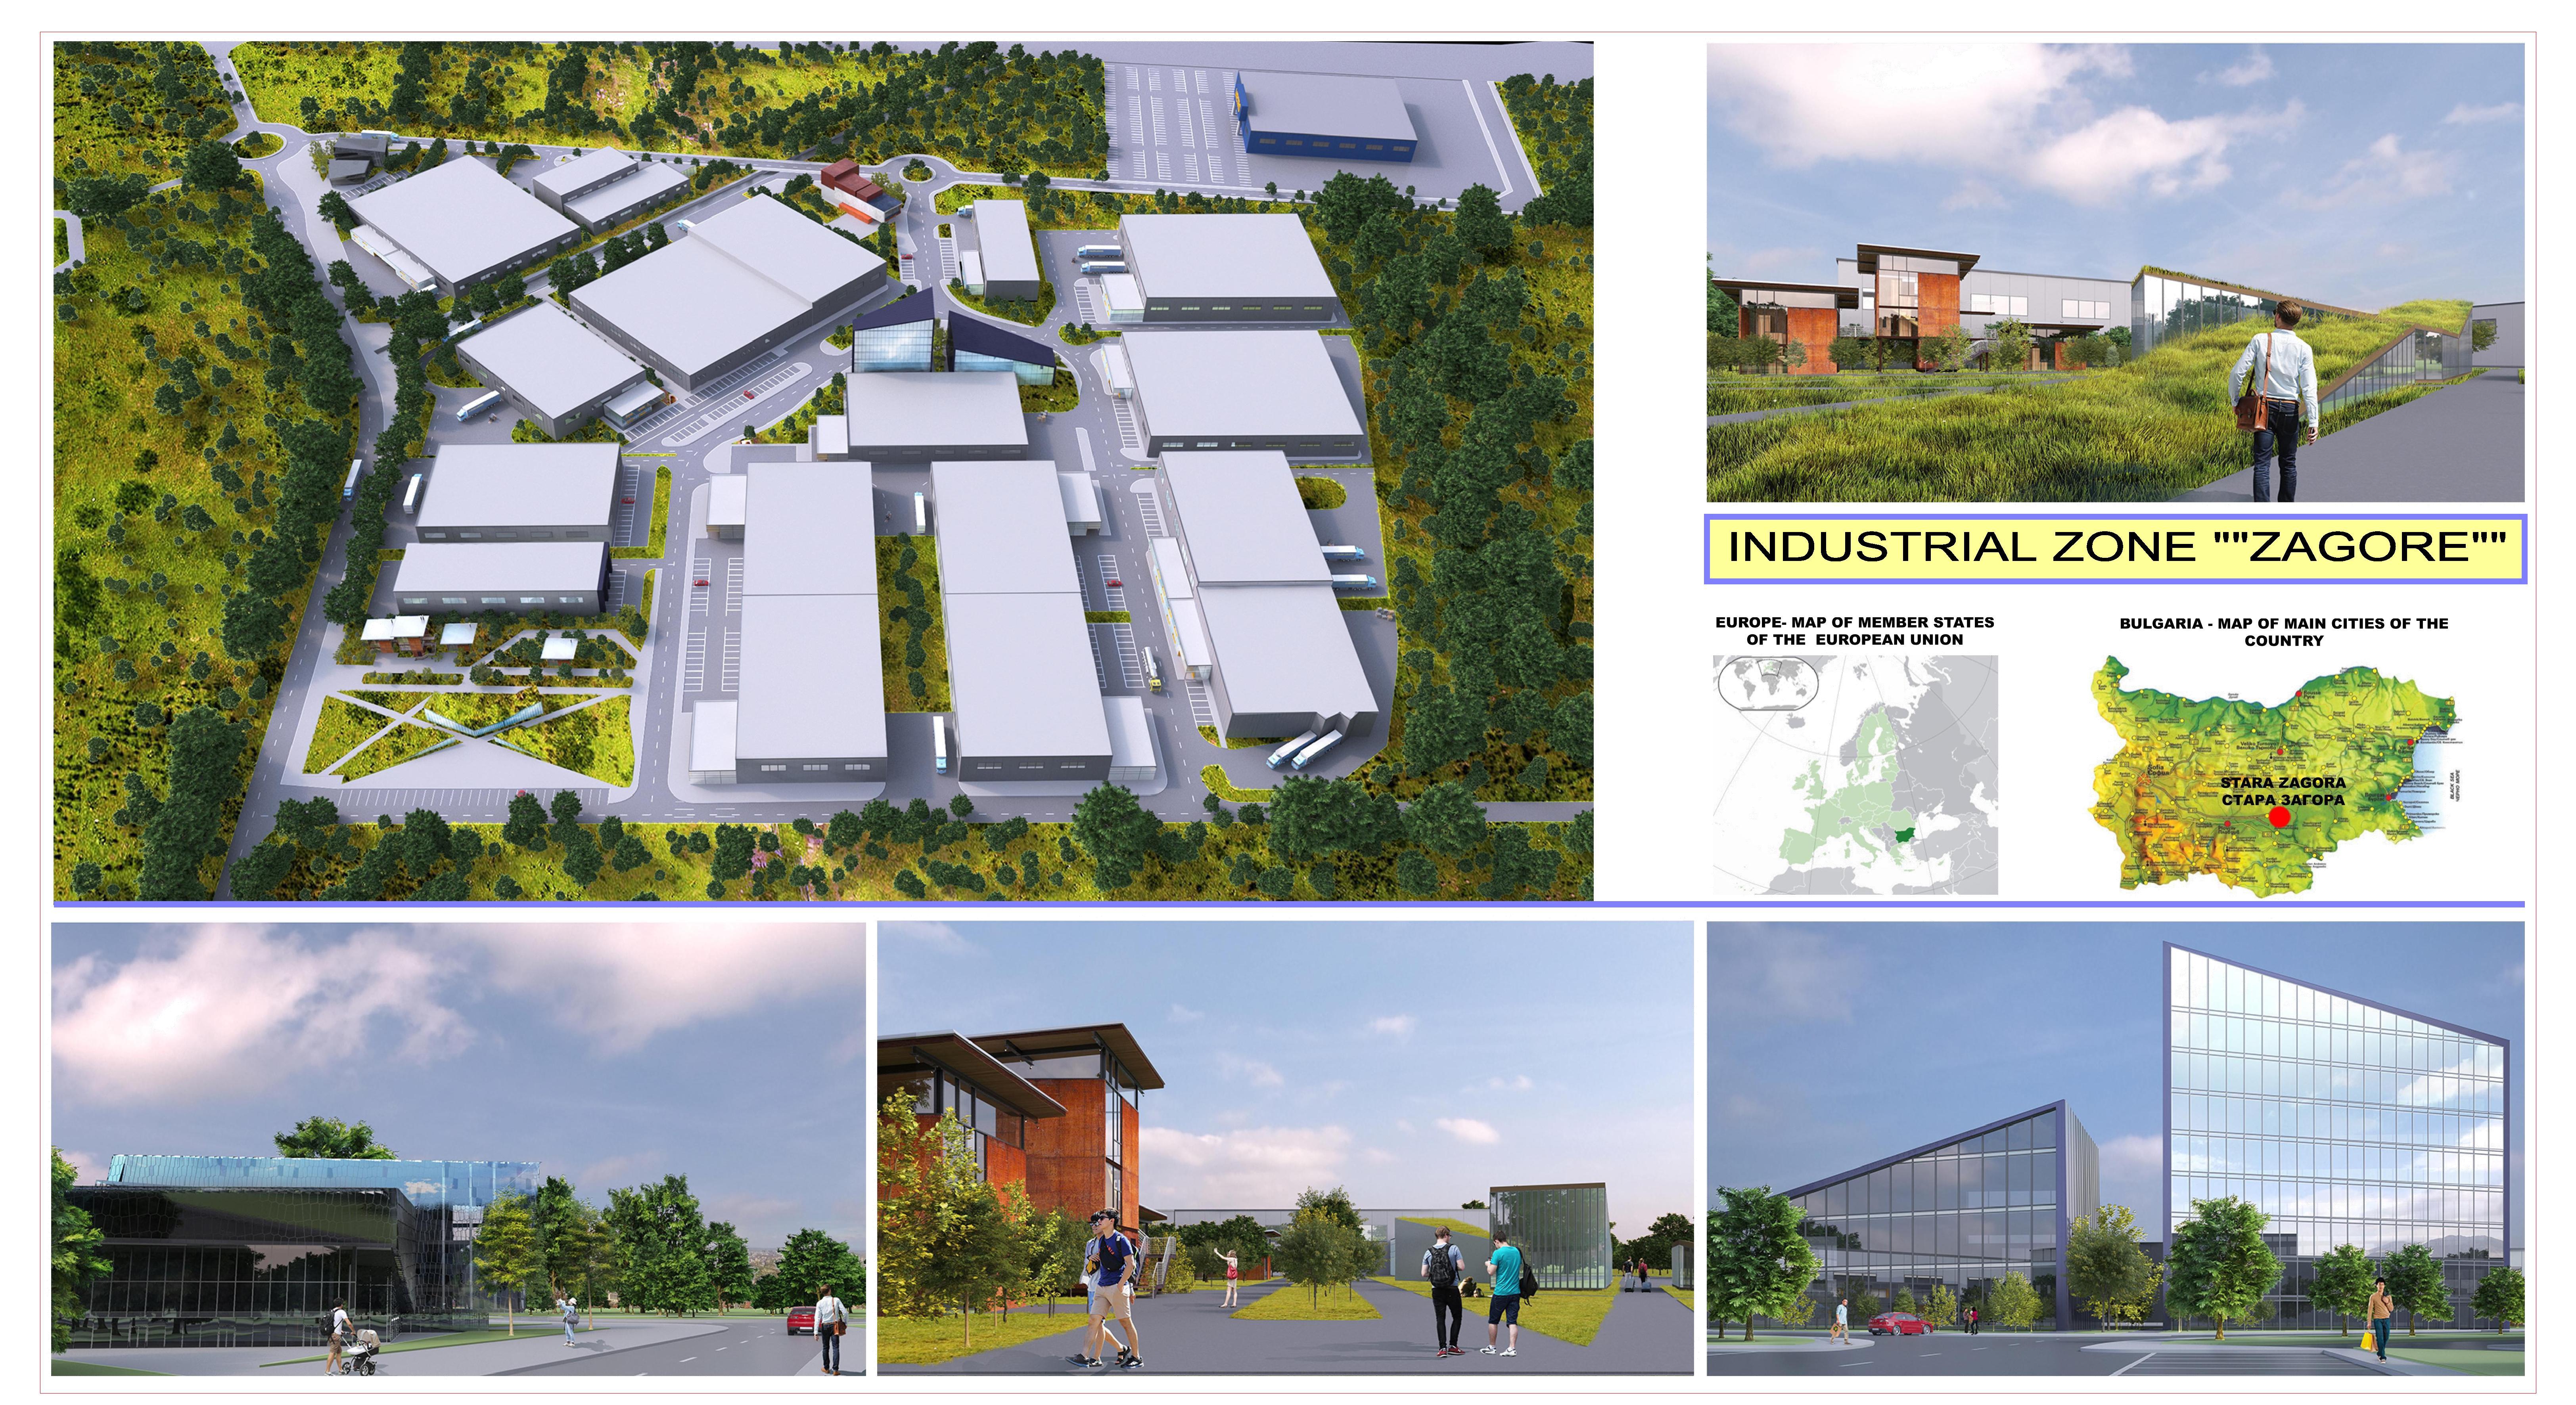 """Италиански инвеститори заявиха интерес за включване в индустриална зона """"Загоре"""""""